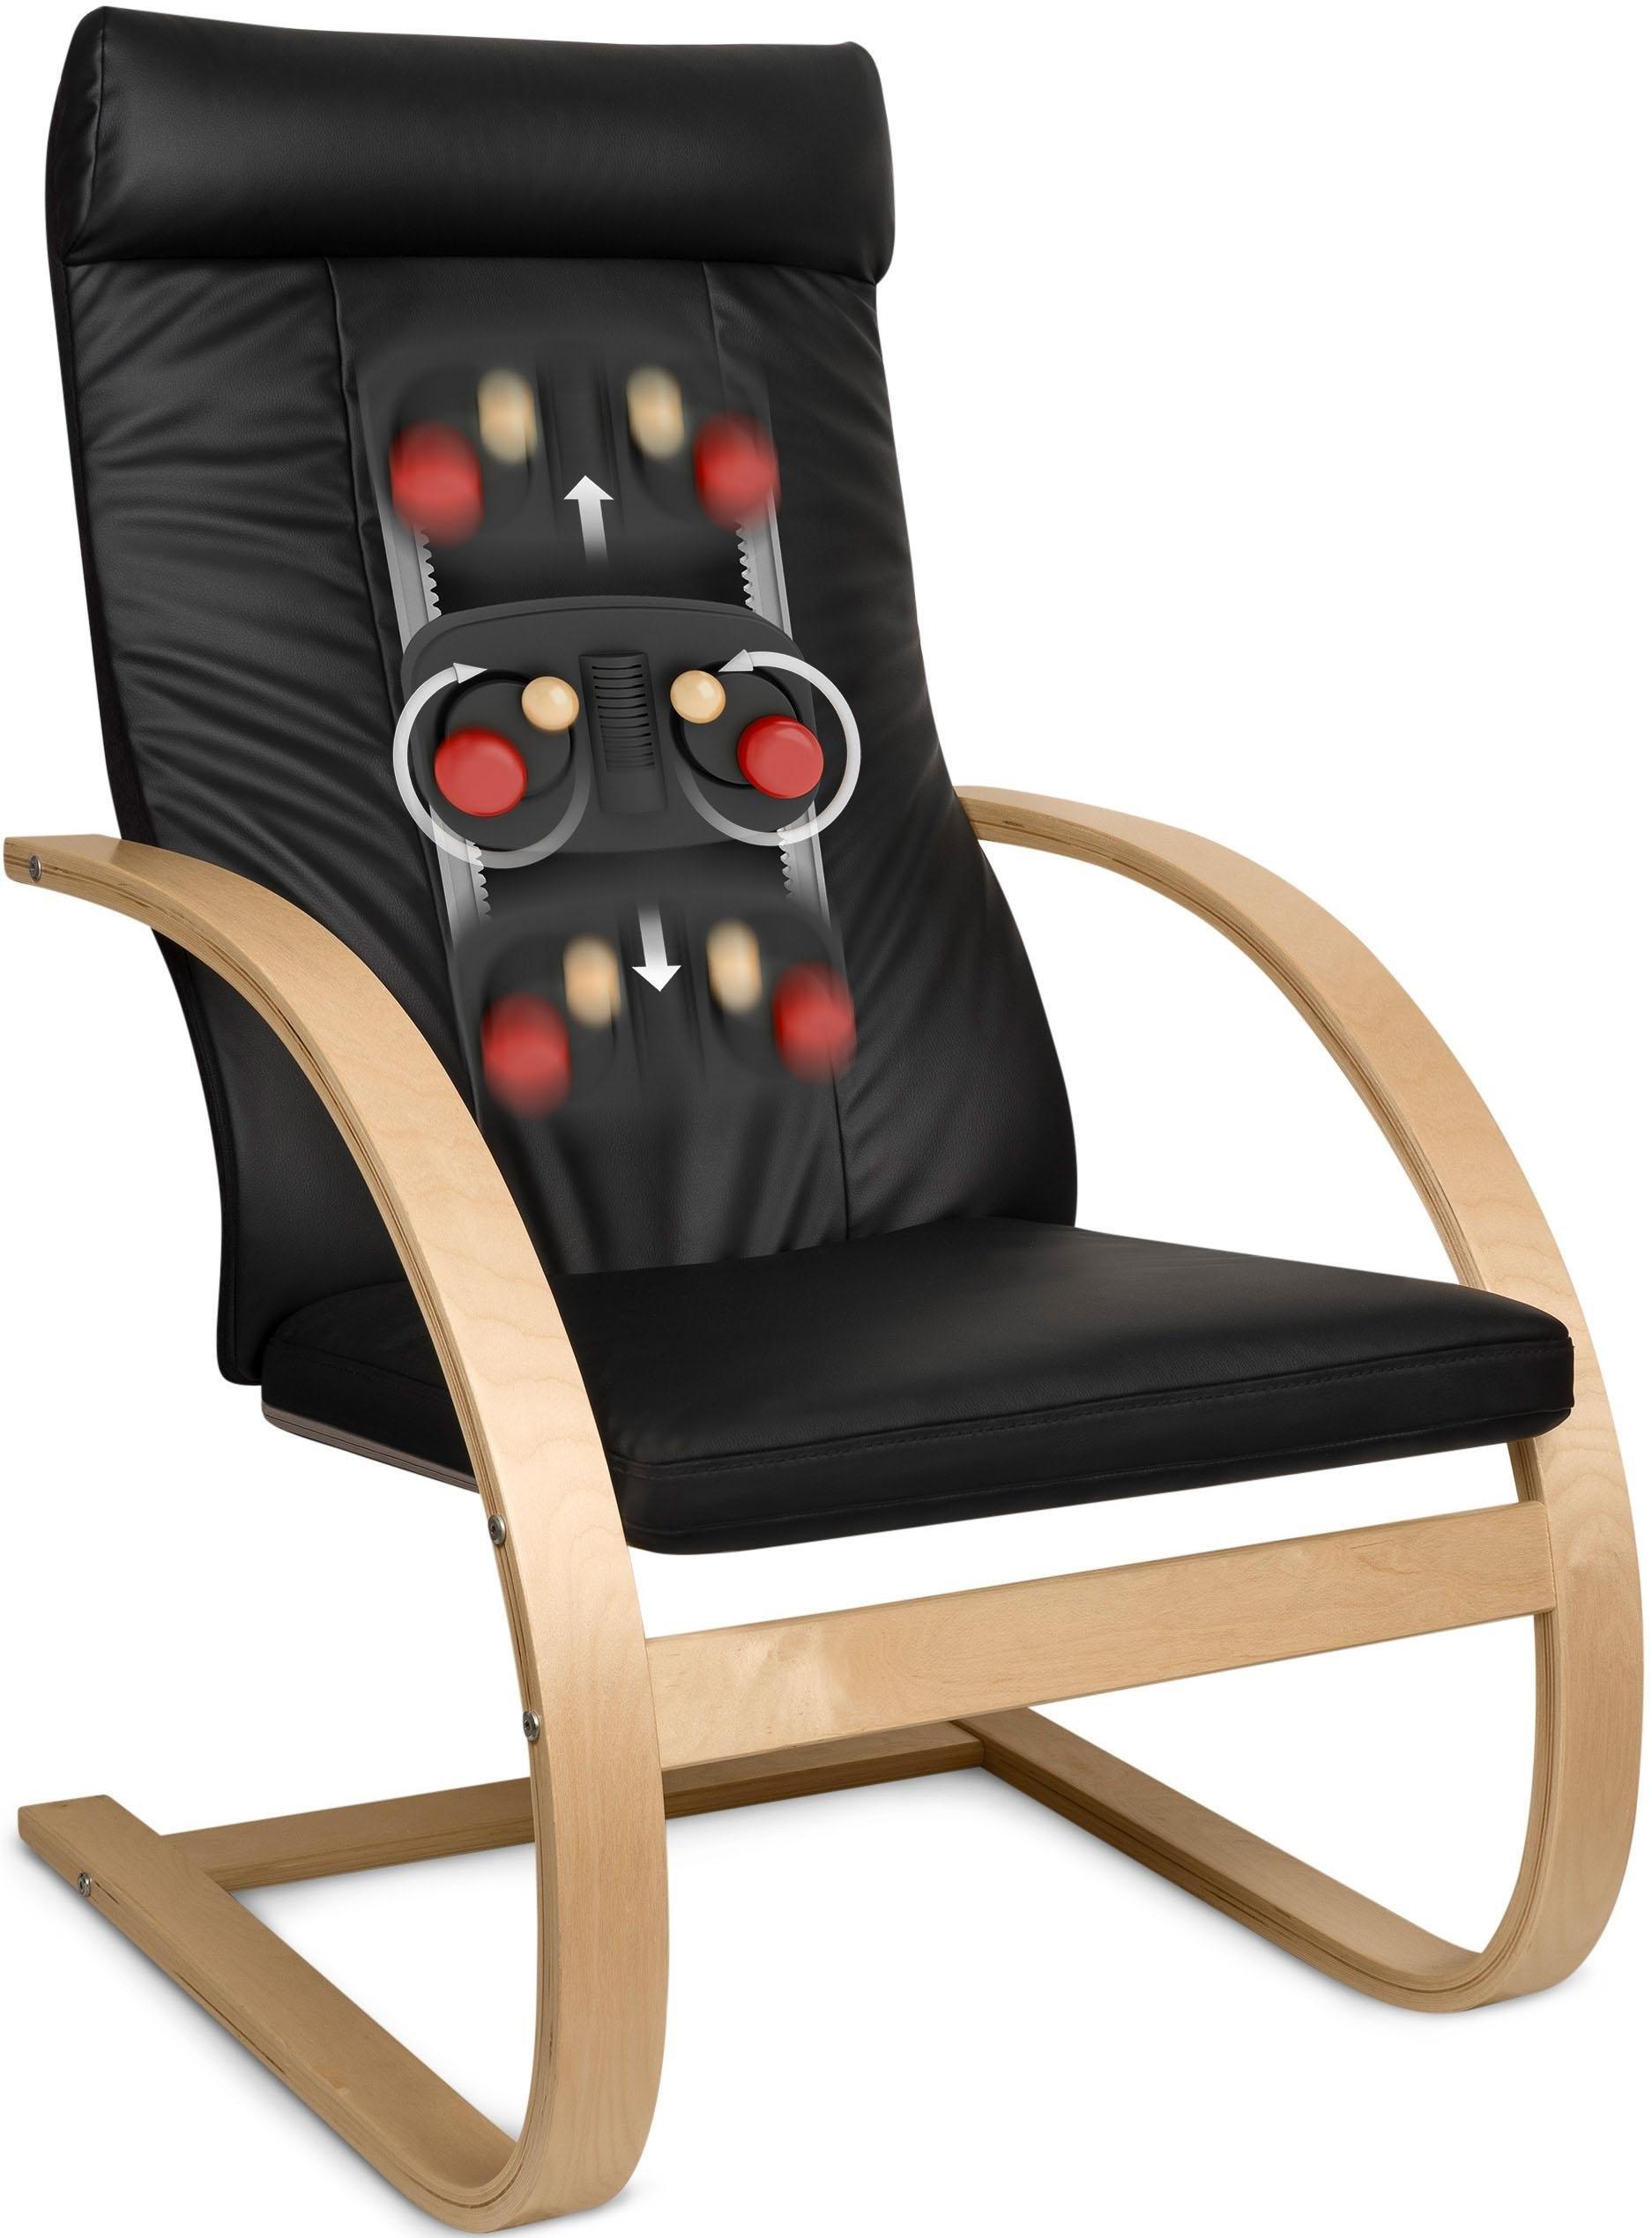 Medisana massagefauteuil relaxfauteuil RC 420, belastbaar tot 150 kg - gratis ruilen op otto.nl